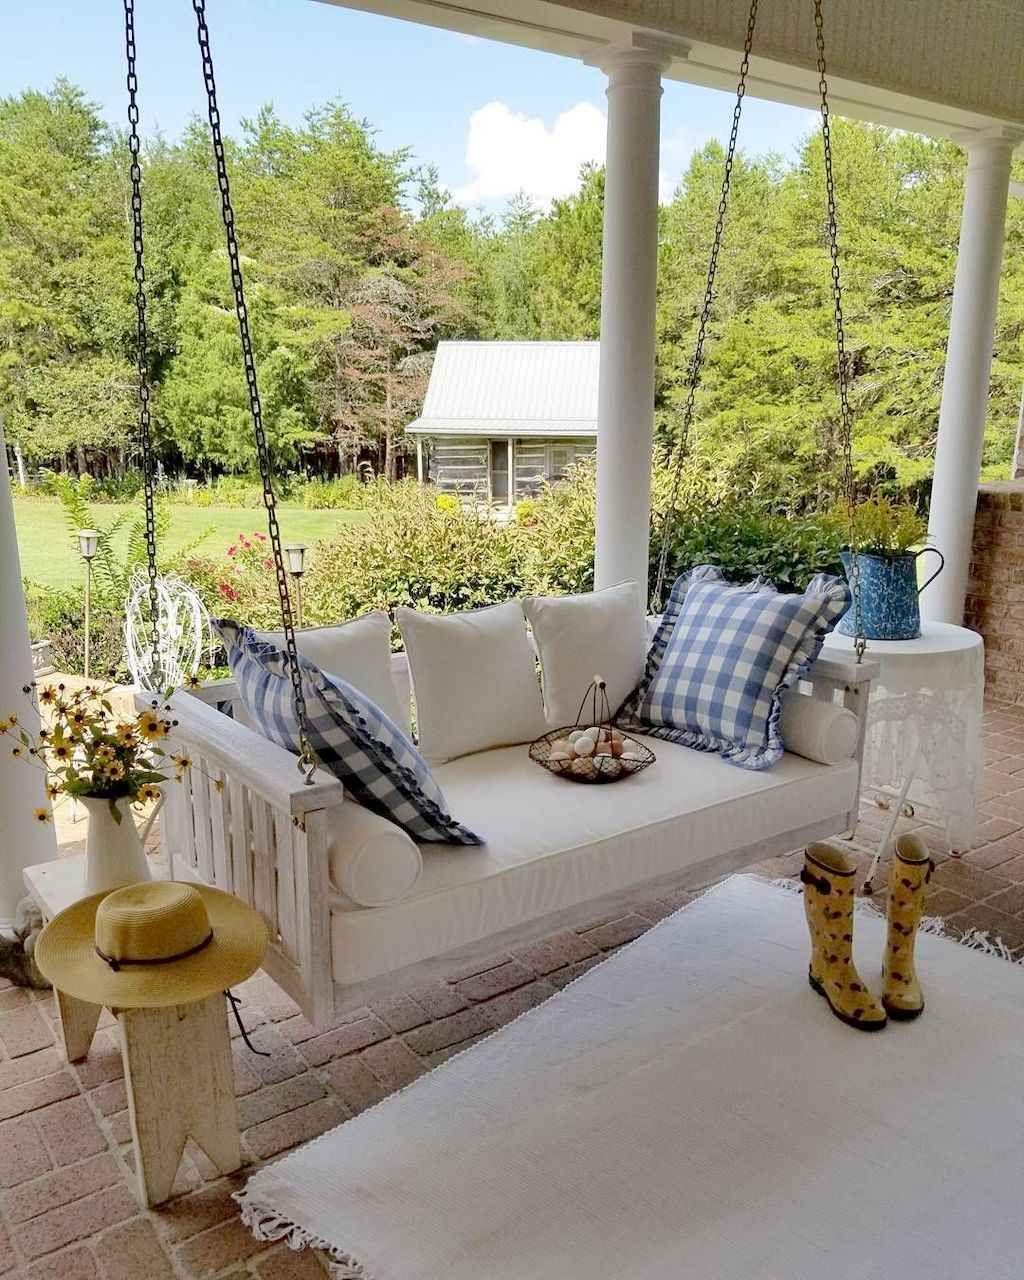 Front Porch Addition Farmhouse Front Porches House: 55 Beautiful Farmhouse Front Porch Decorating Ideas